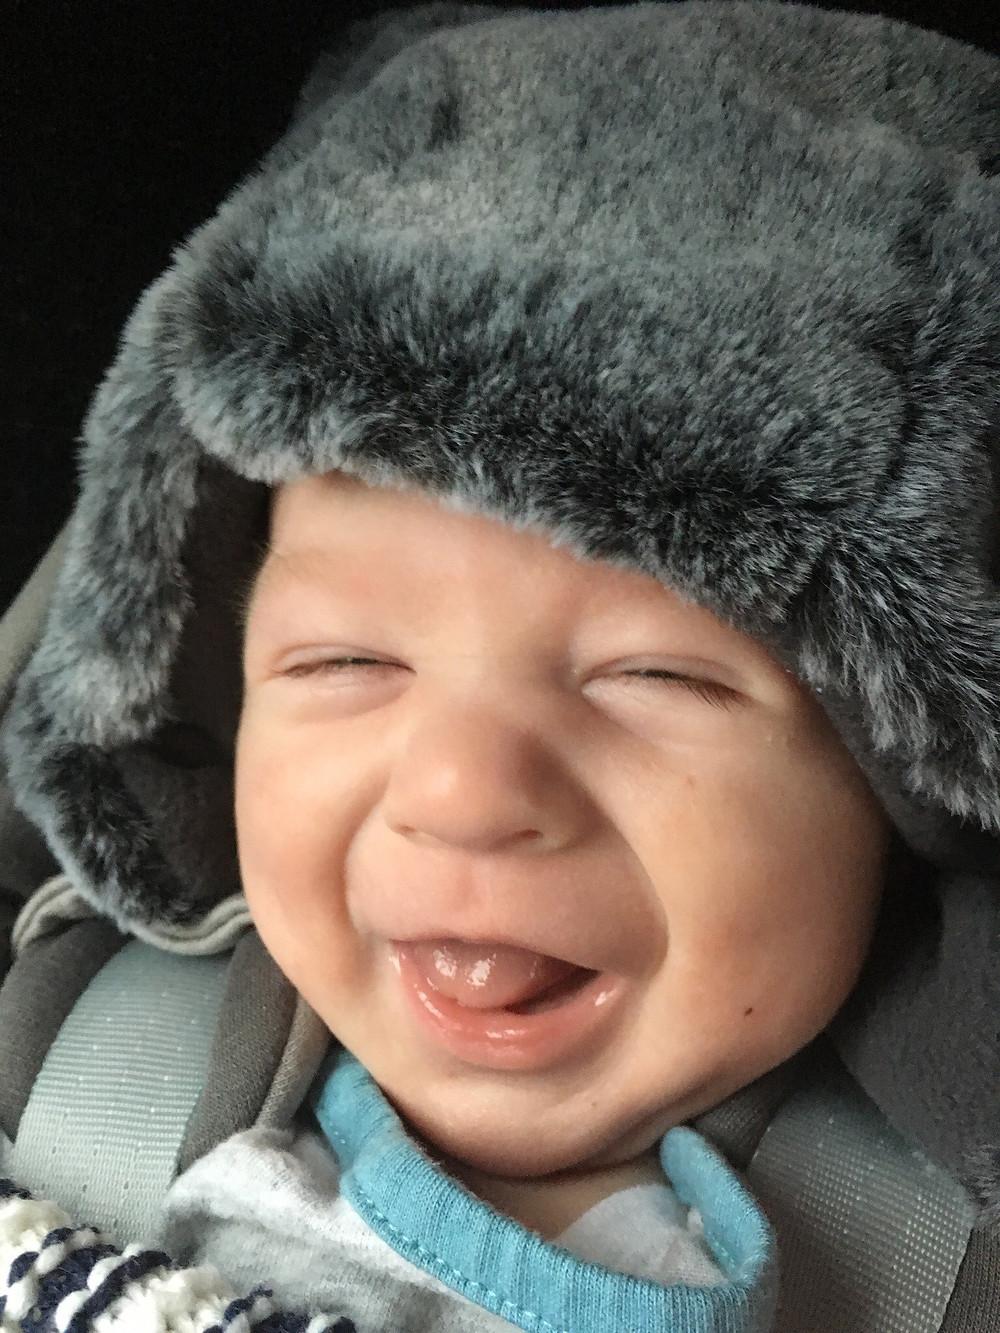 Freddie in his hat smiling